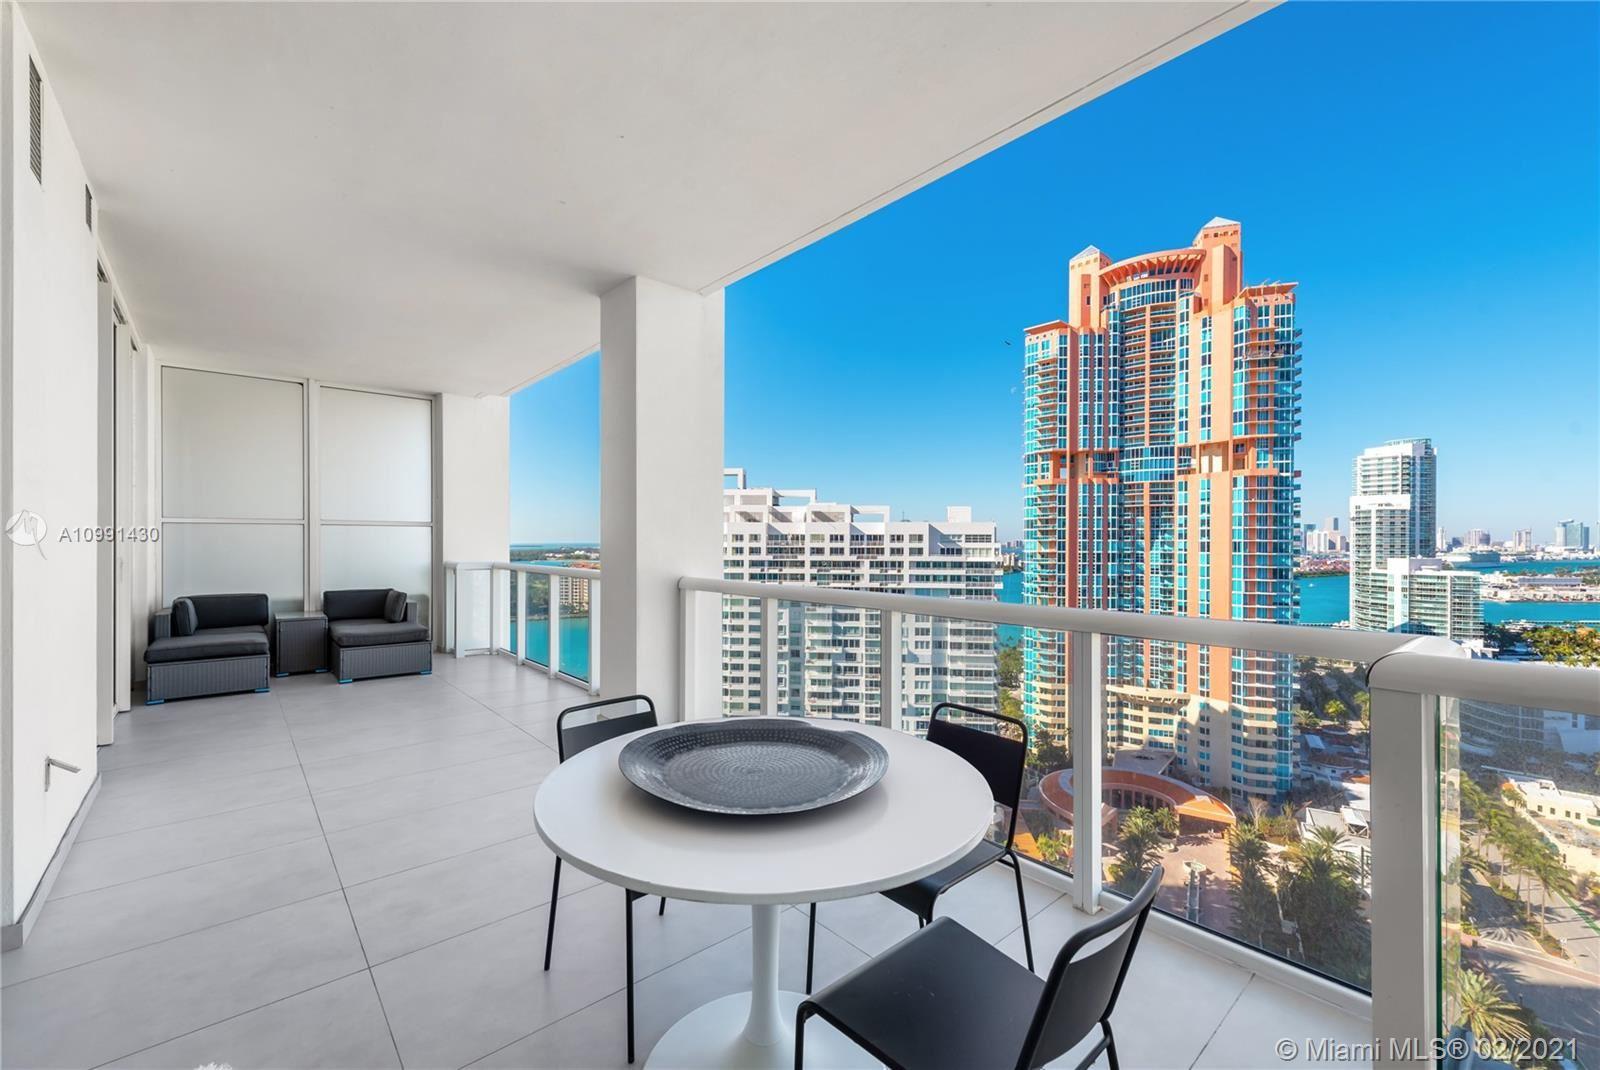 50 S Pointe Dr #2304, Miami Beach, FL 33139 - #: A10991430